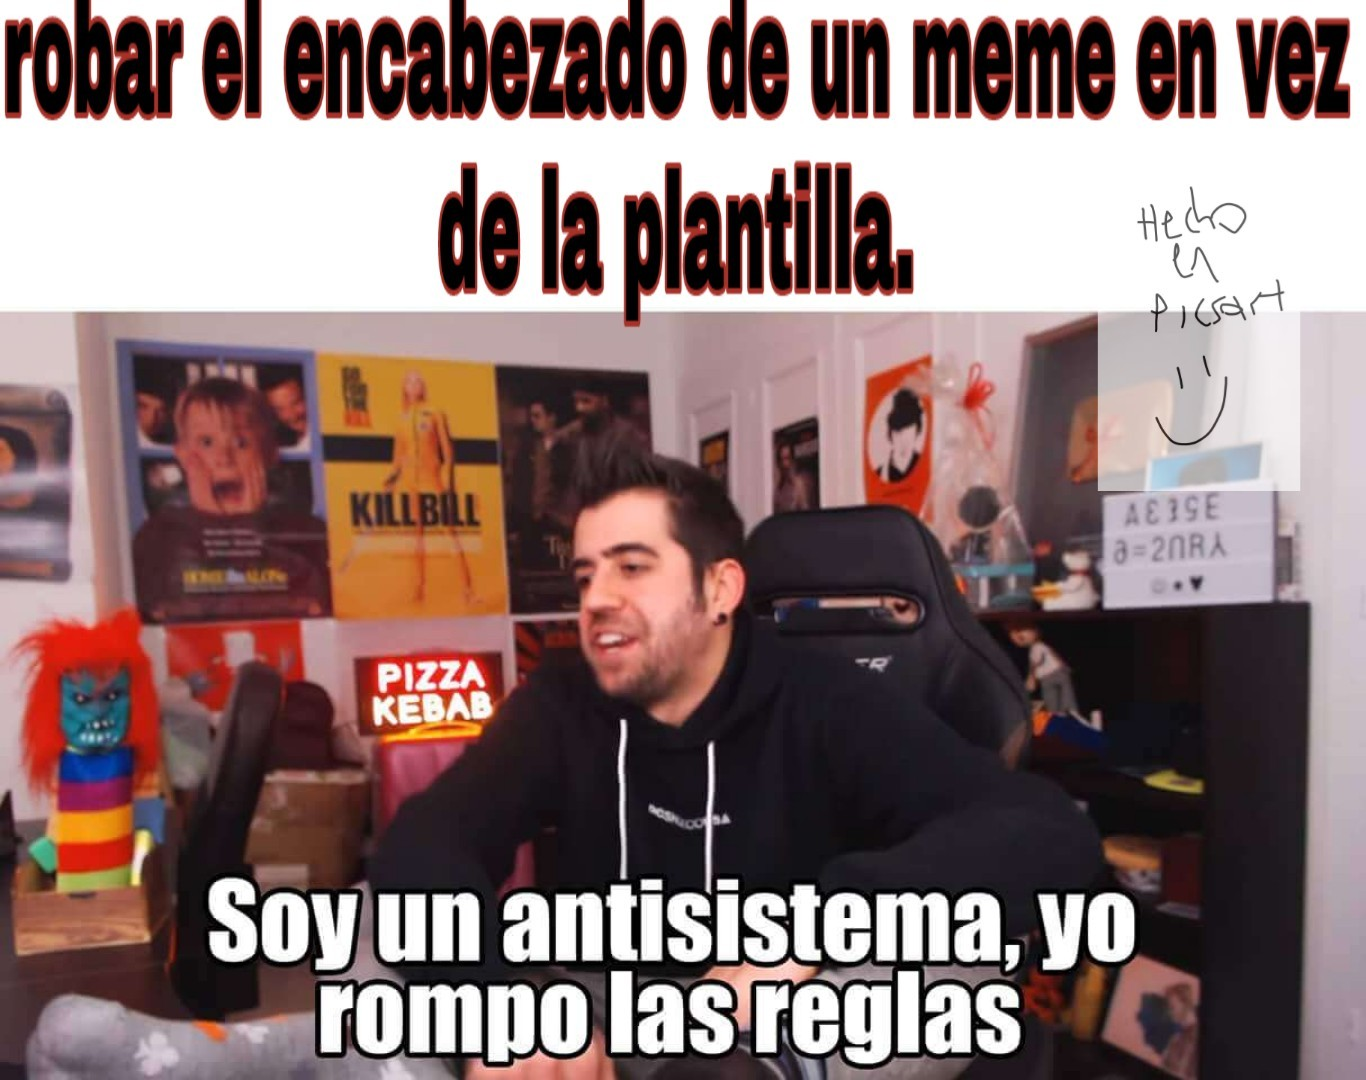 Viva plantilla play - meme